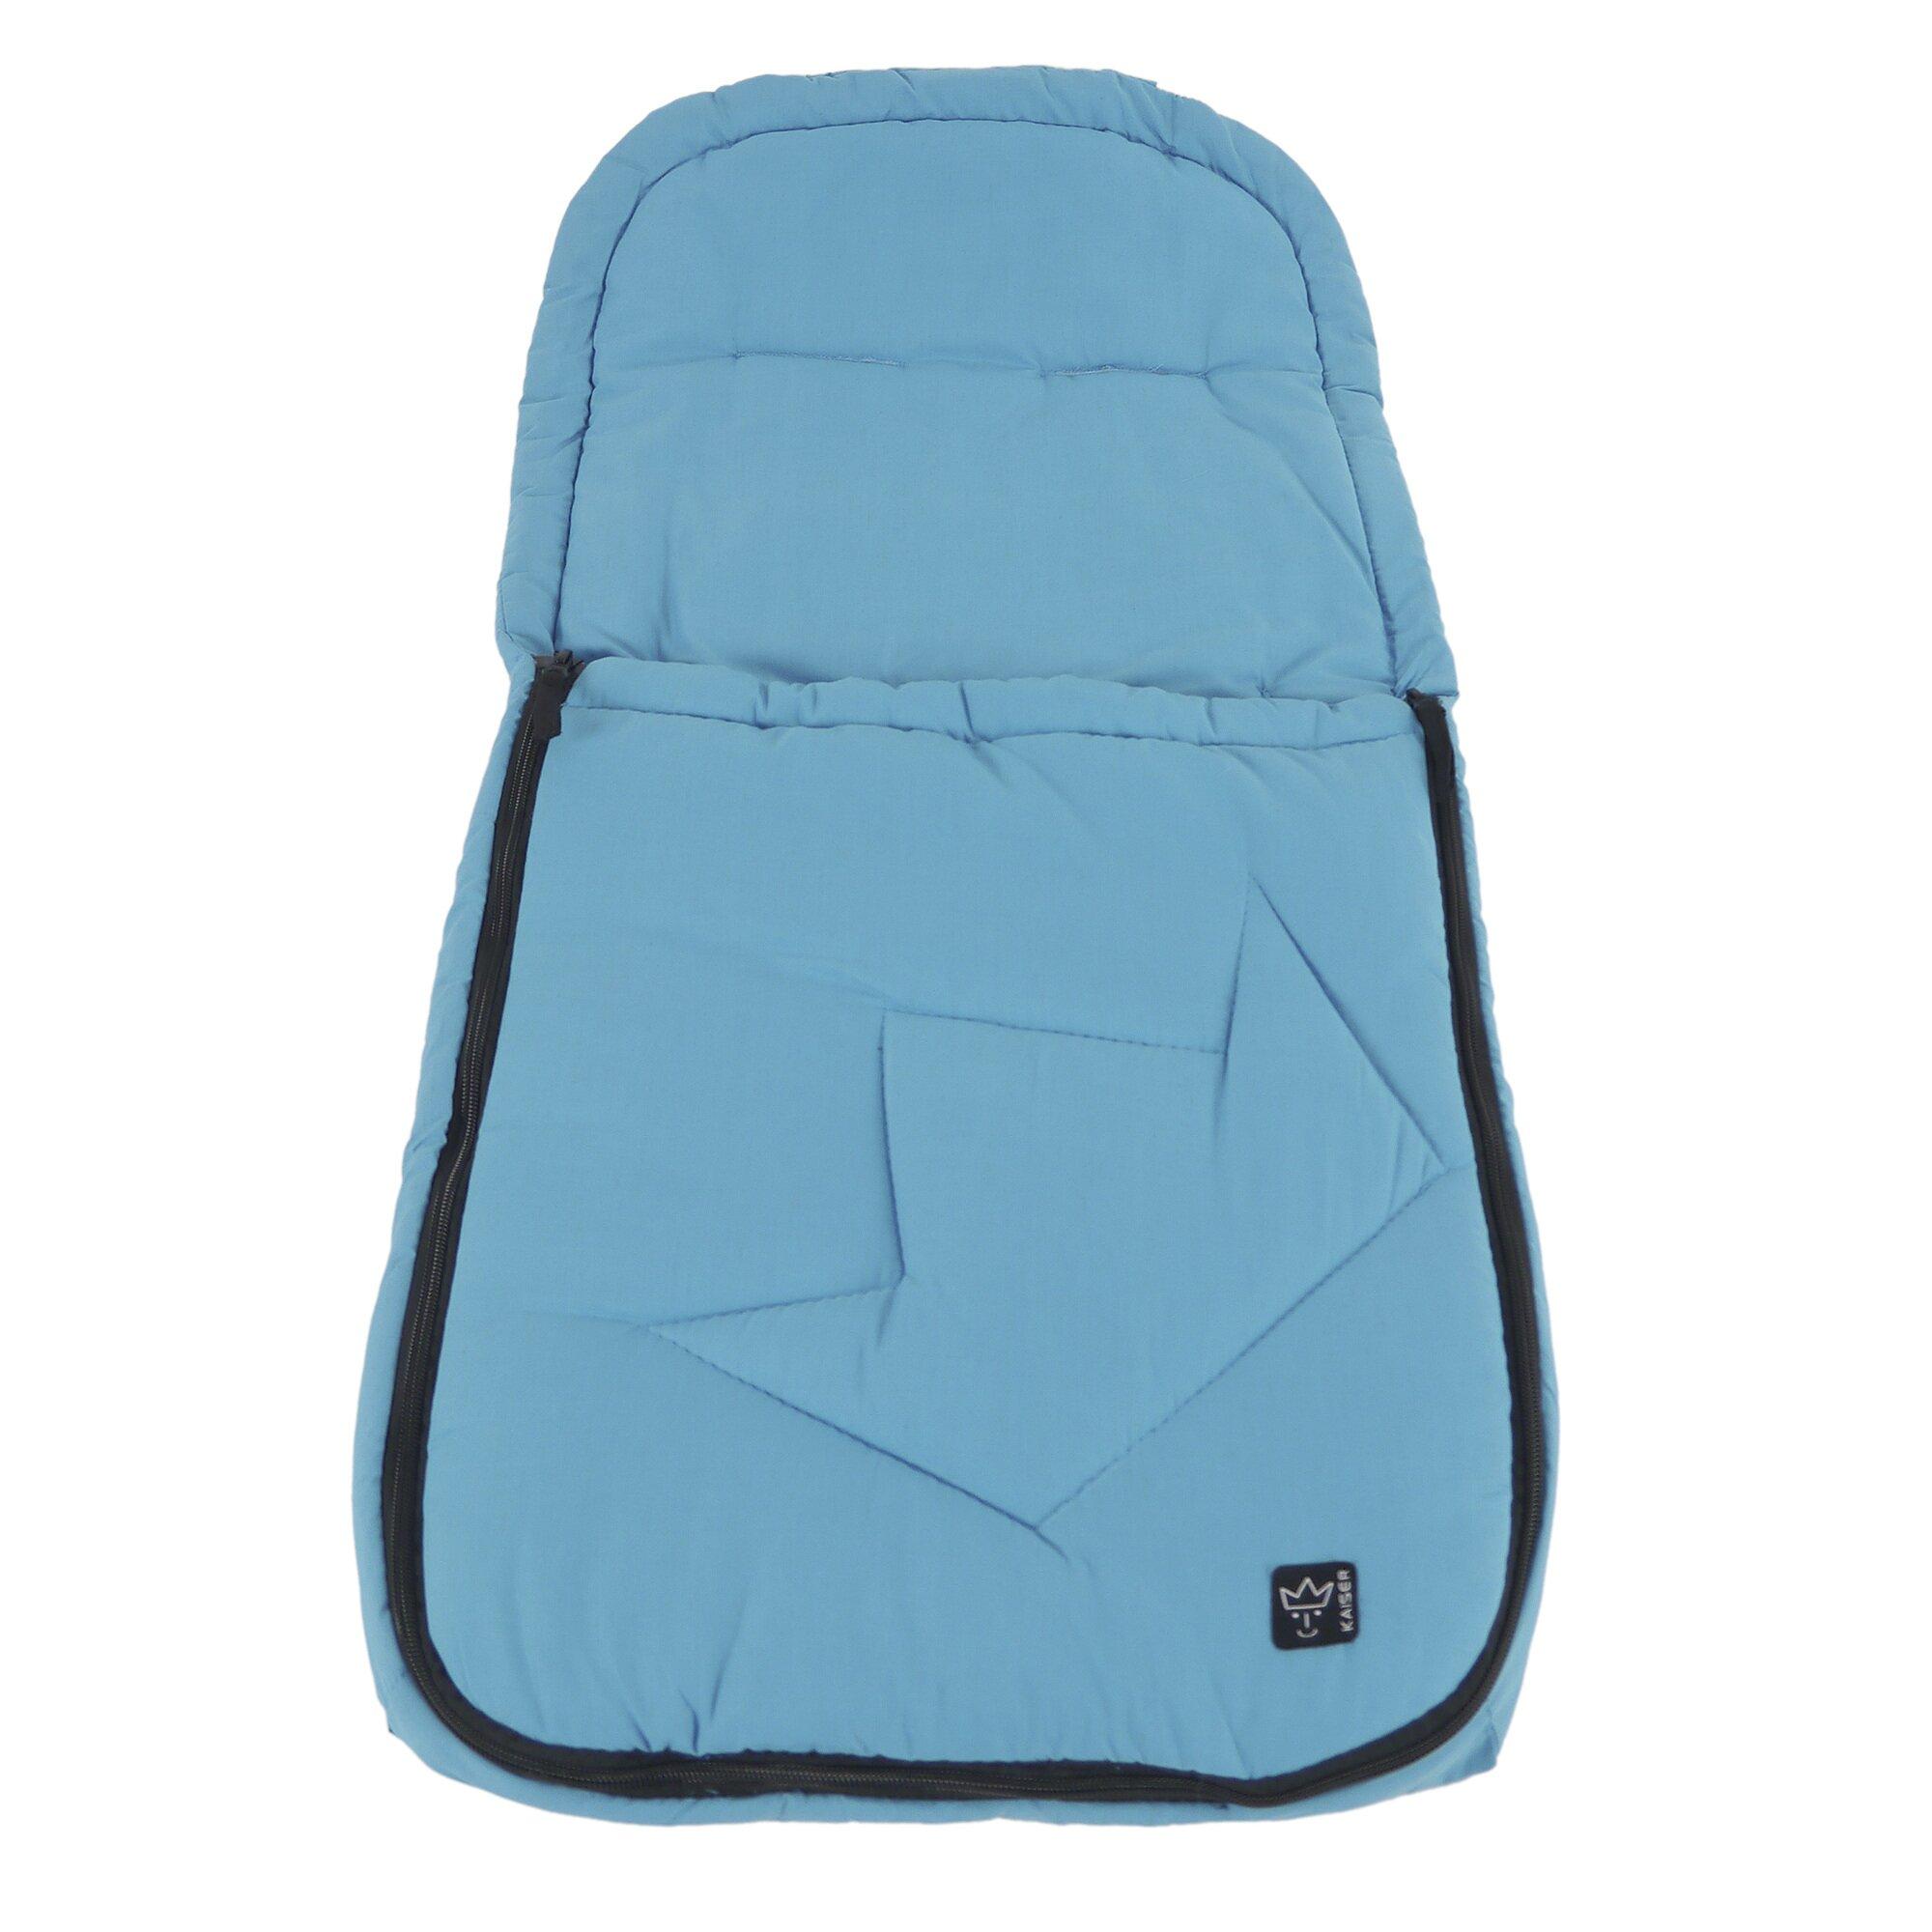 kaiser-sommer-fu-sack-ammy-fur-kinderwagen-blau